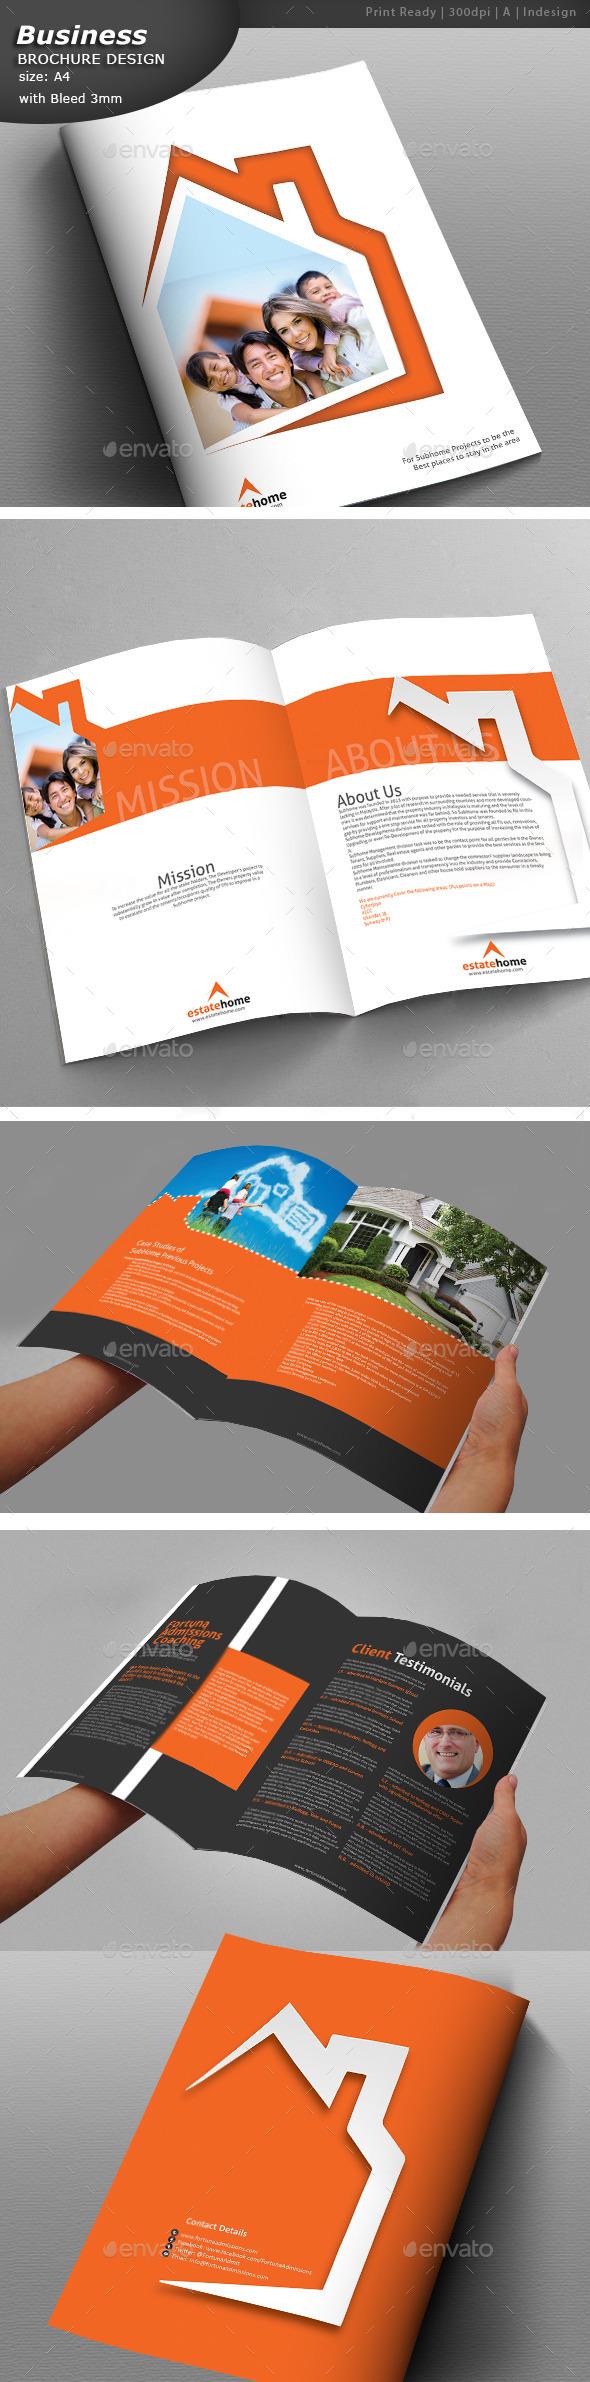 GraphicRiver Real Estate Brochure 11802118